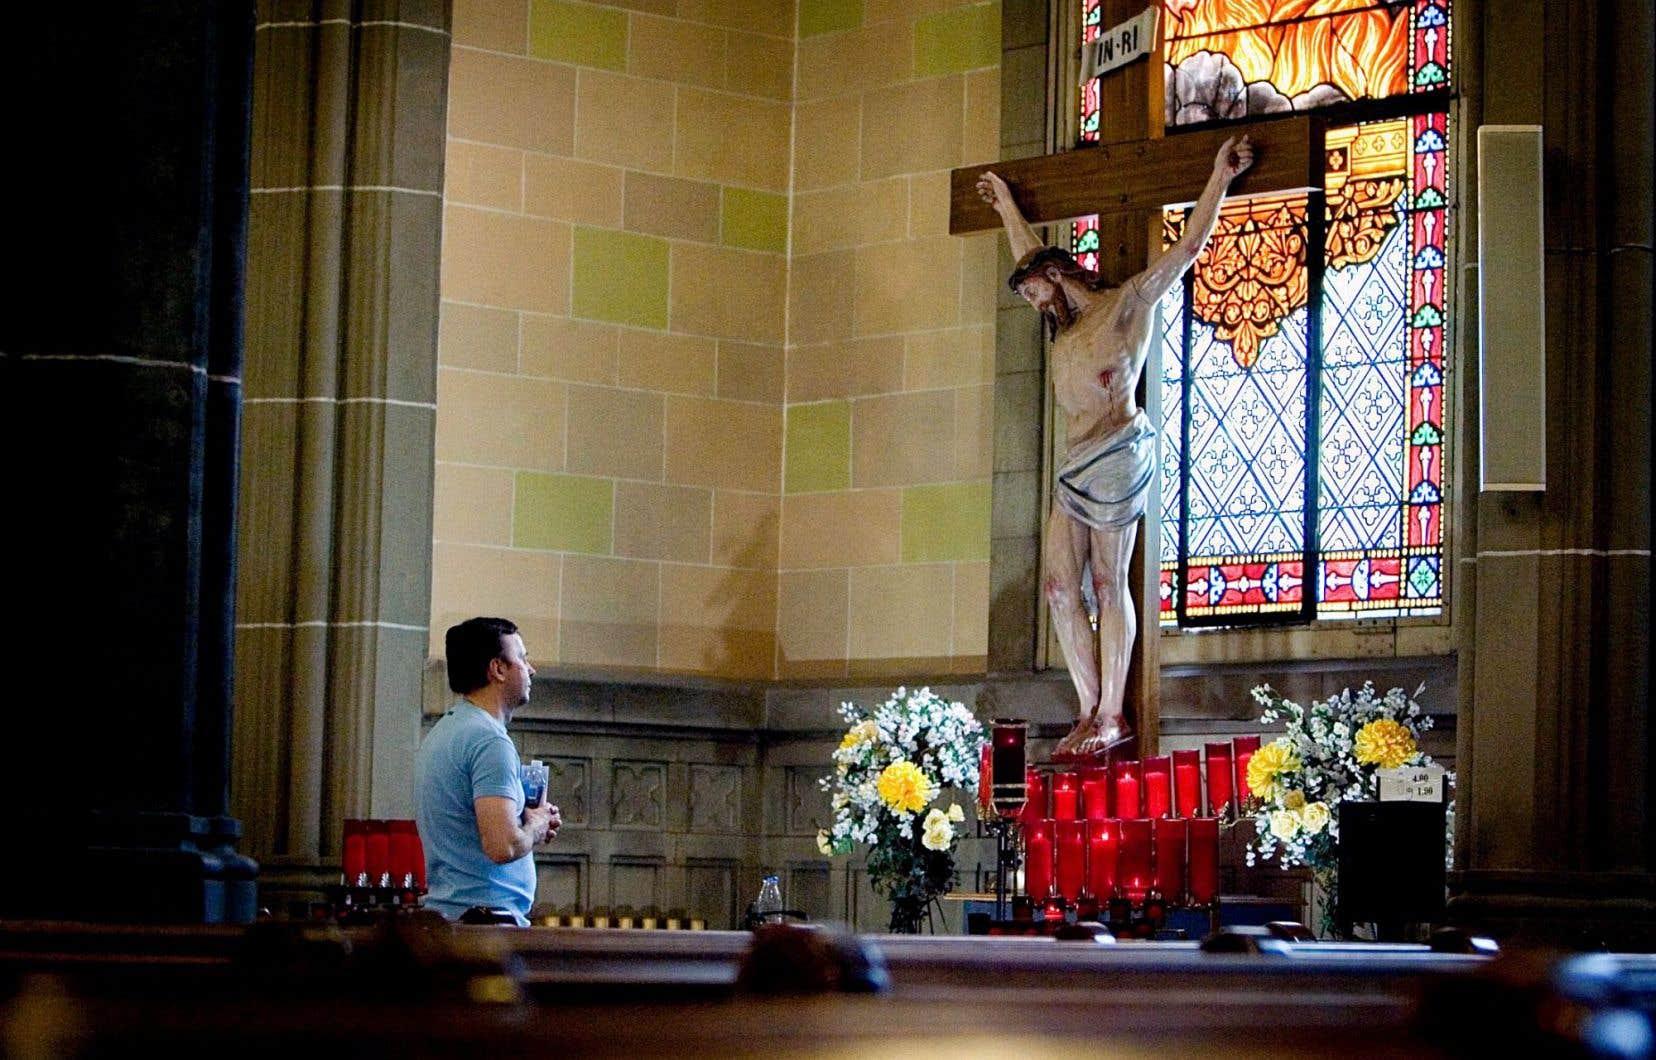 Alors que les églises se vident, le théologien Normand Provencher propose une réflexion sur une nouvelle pratique du catholicisme.